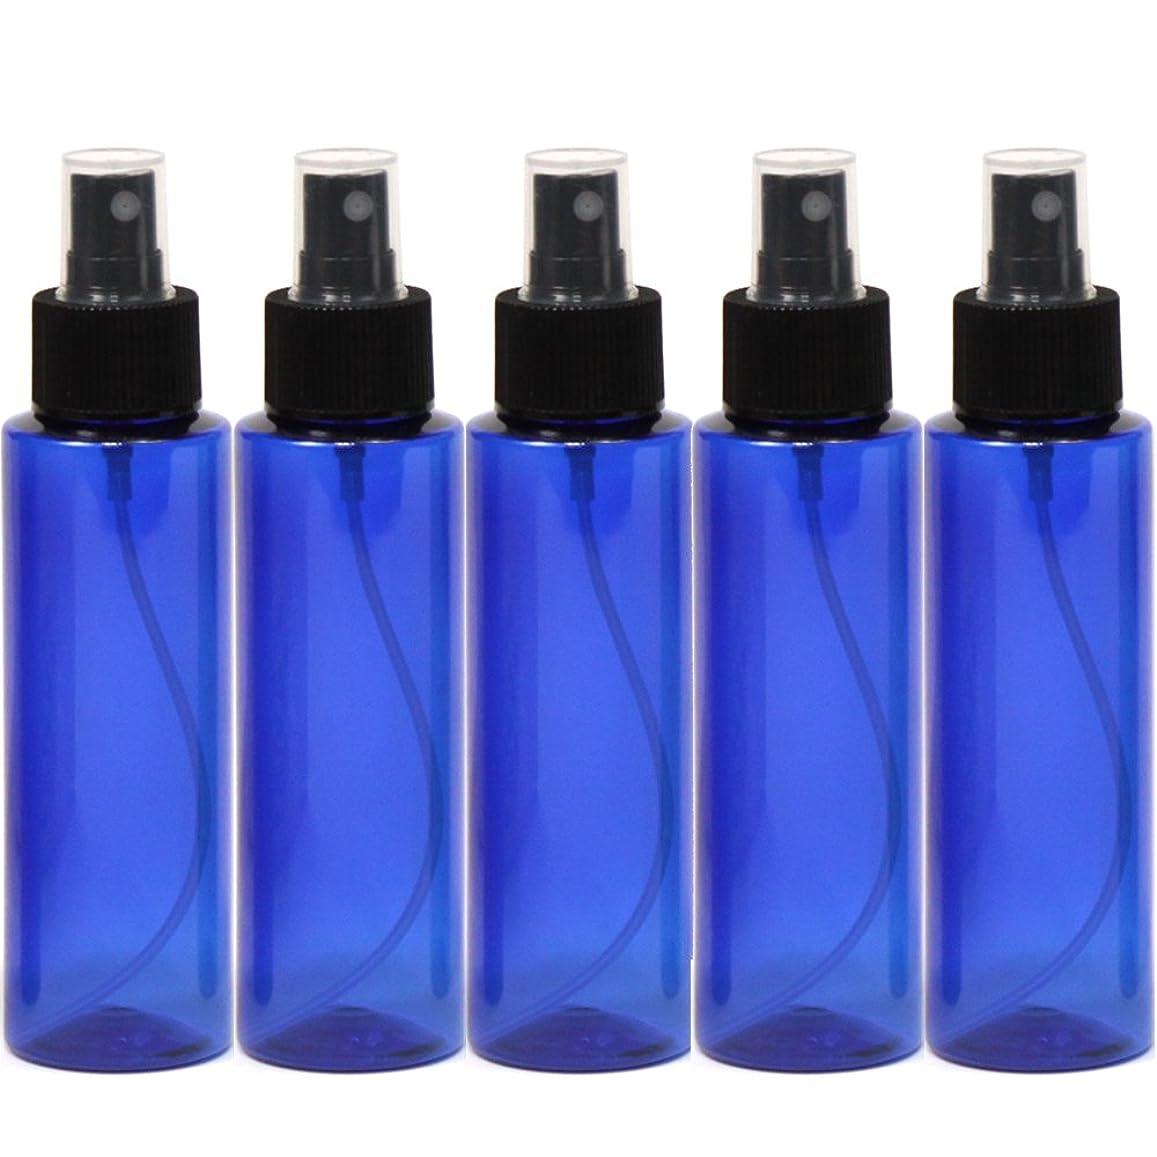 結婚した高く本体スプレーボトル100mLブルー黒ヘッド5本ストレートペットボトル遮光性青色おしゃれ容器bu100sbk5